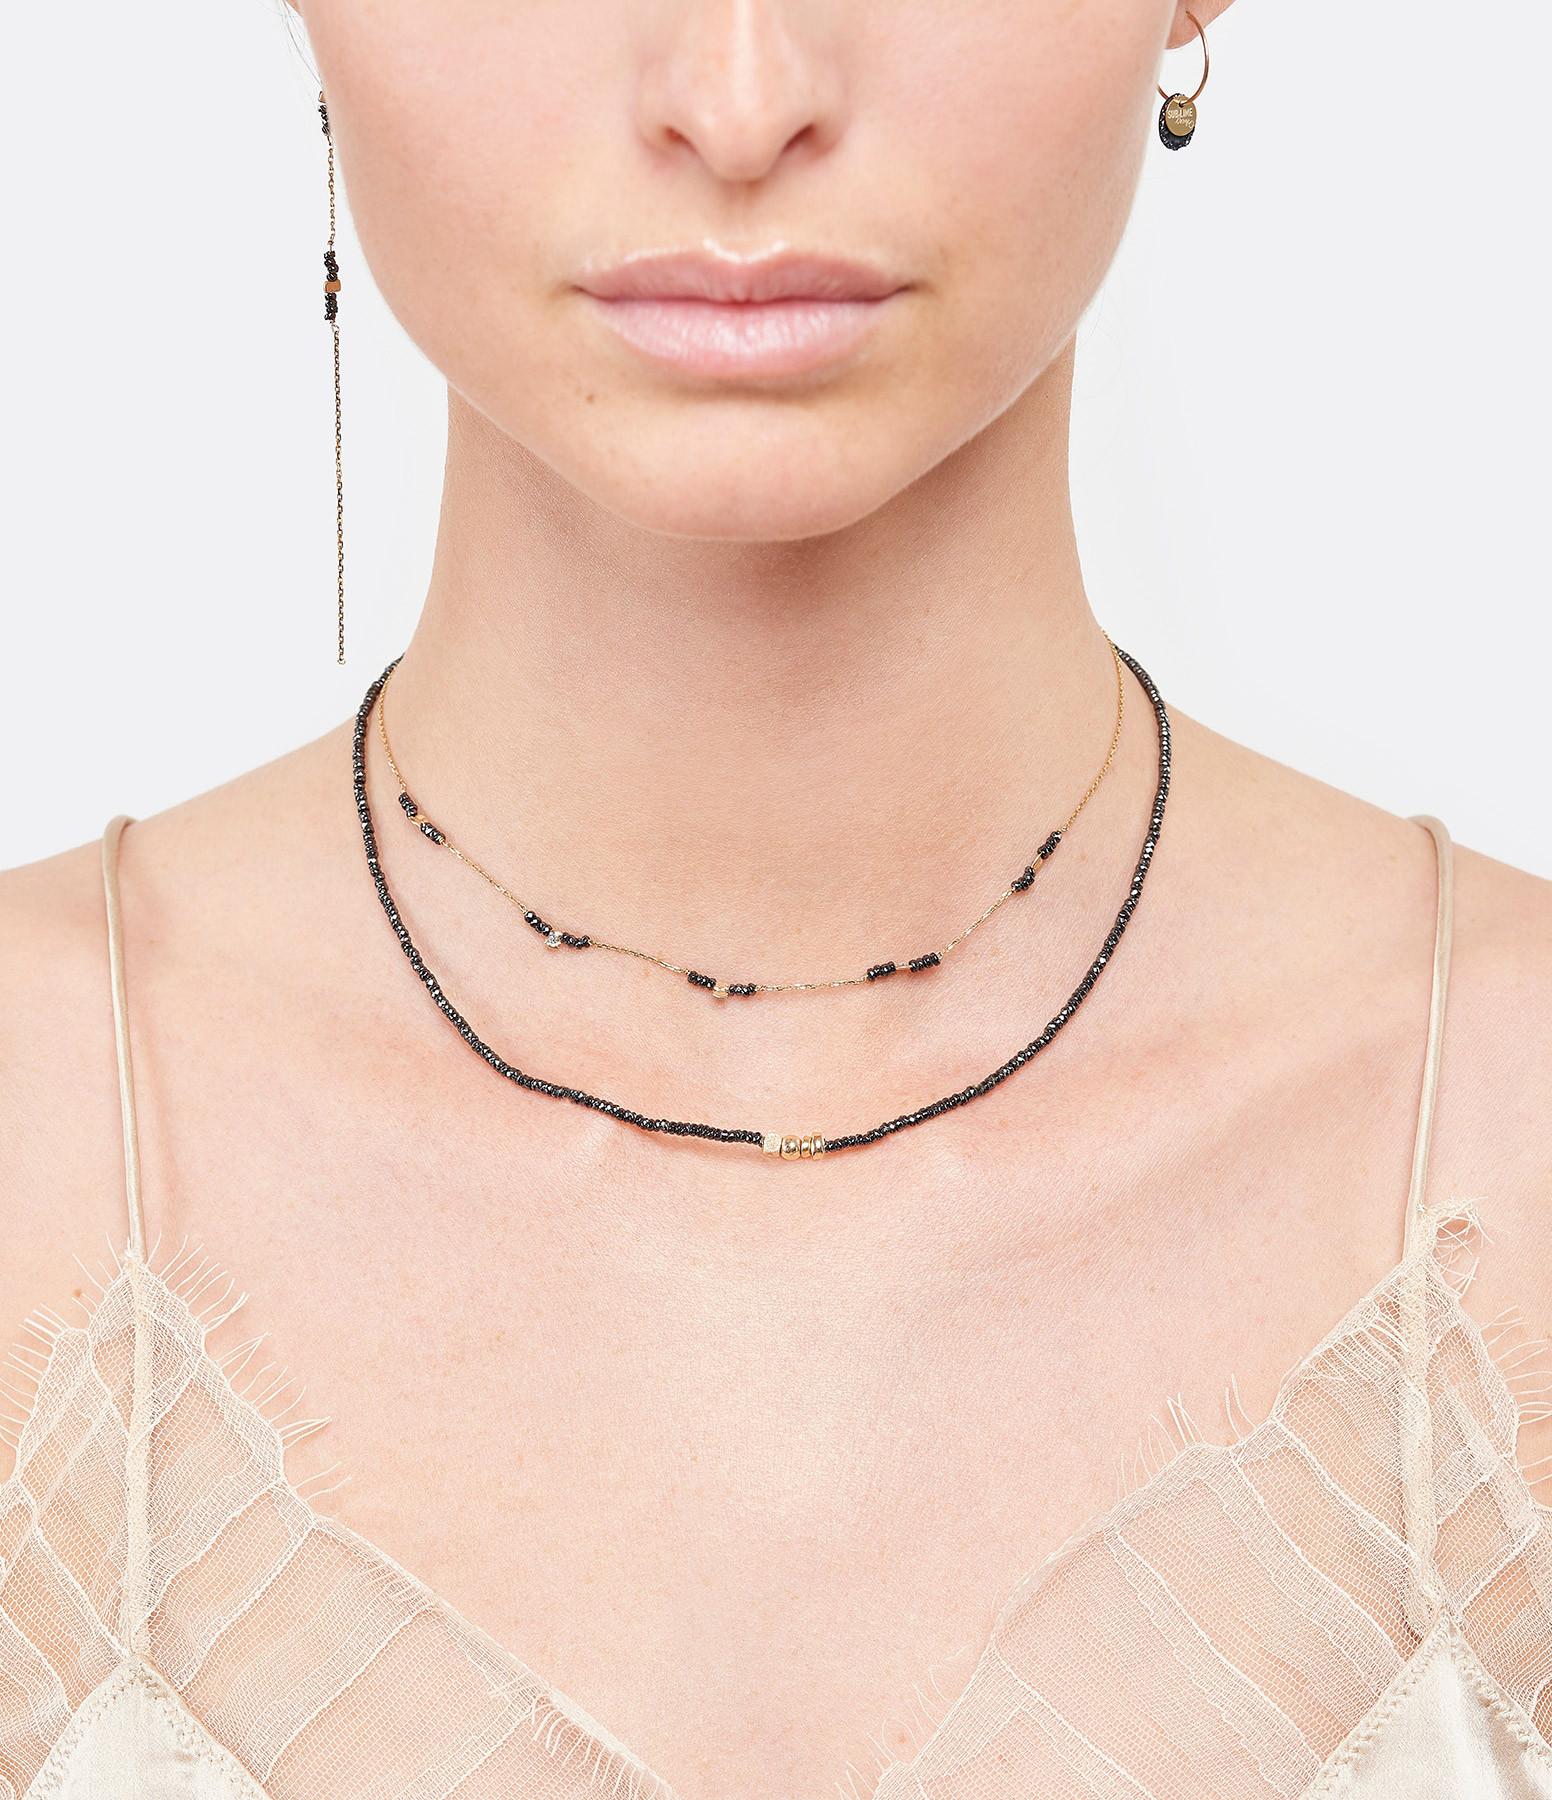 LSONGE - Collier Sublime 4 Perles Or Hématite Noir